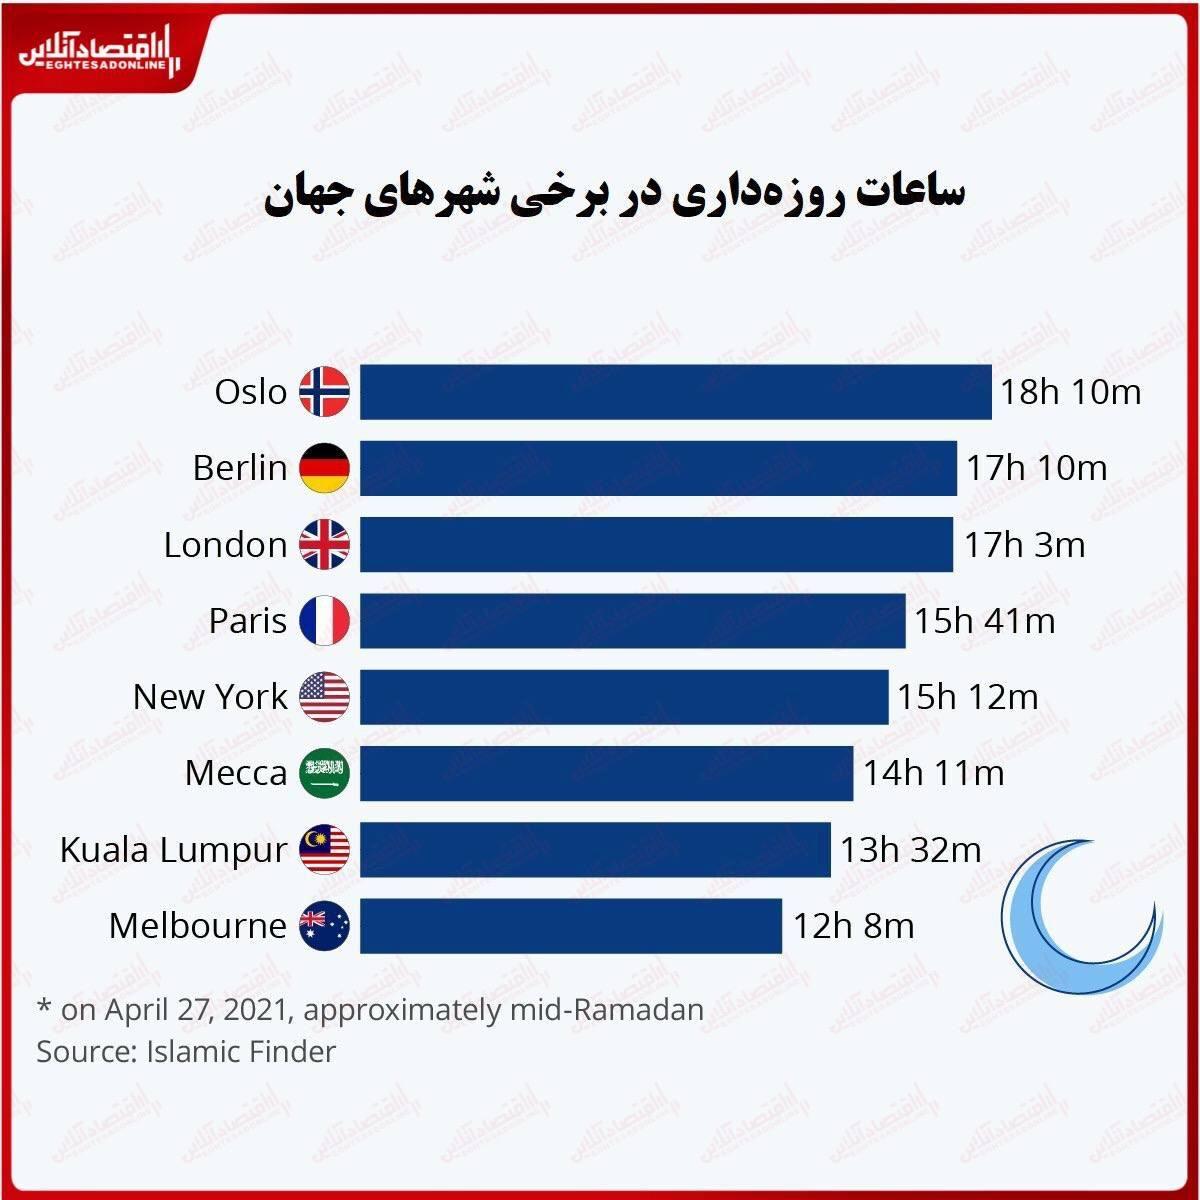 مسلمانان سراسر جهان چند ساعت روزه میگیرند؟